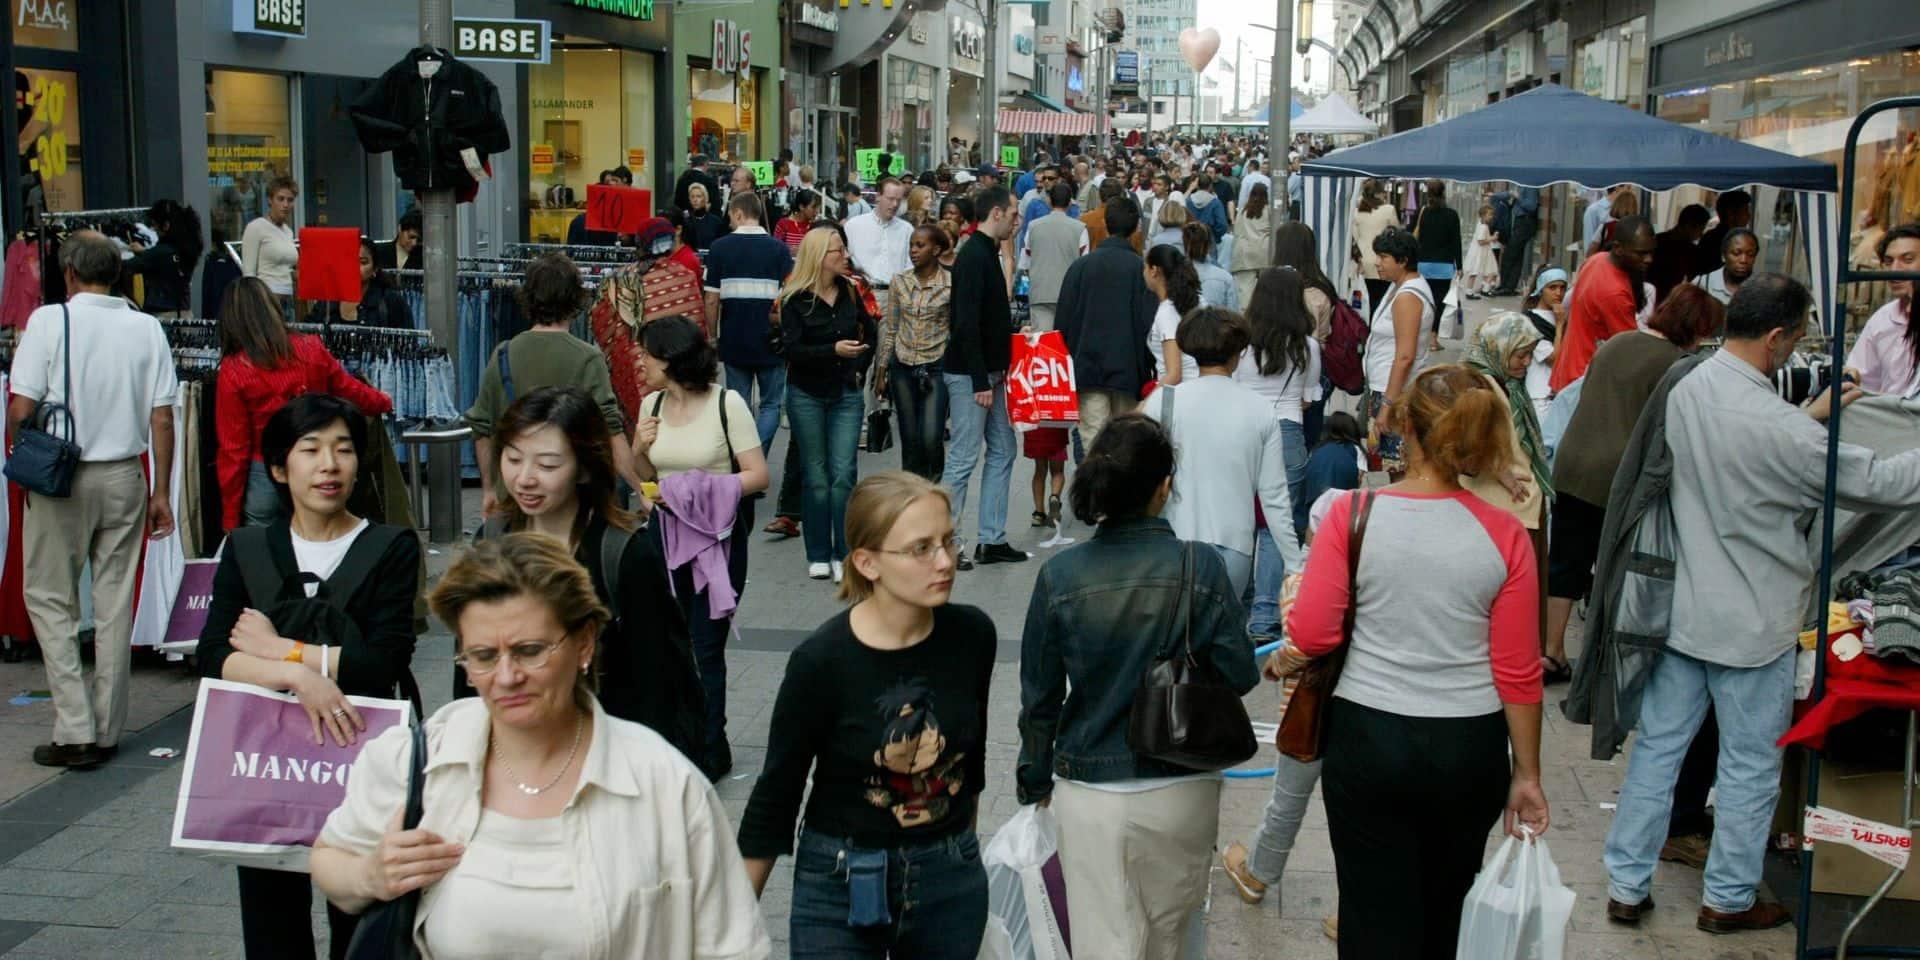 La population bruxelloise a énormément rajeuni en trente ans (INFOGRAPHIE)